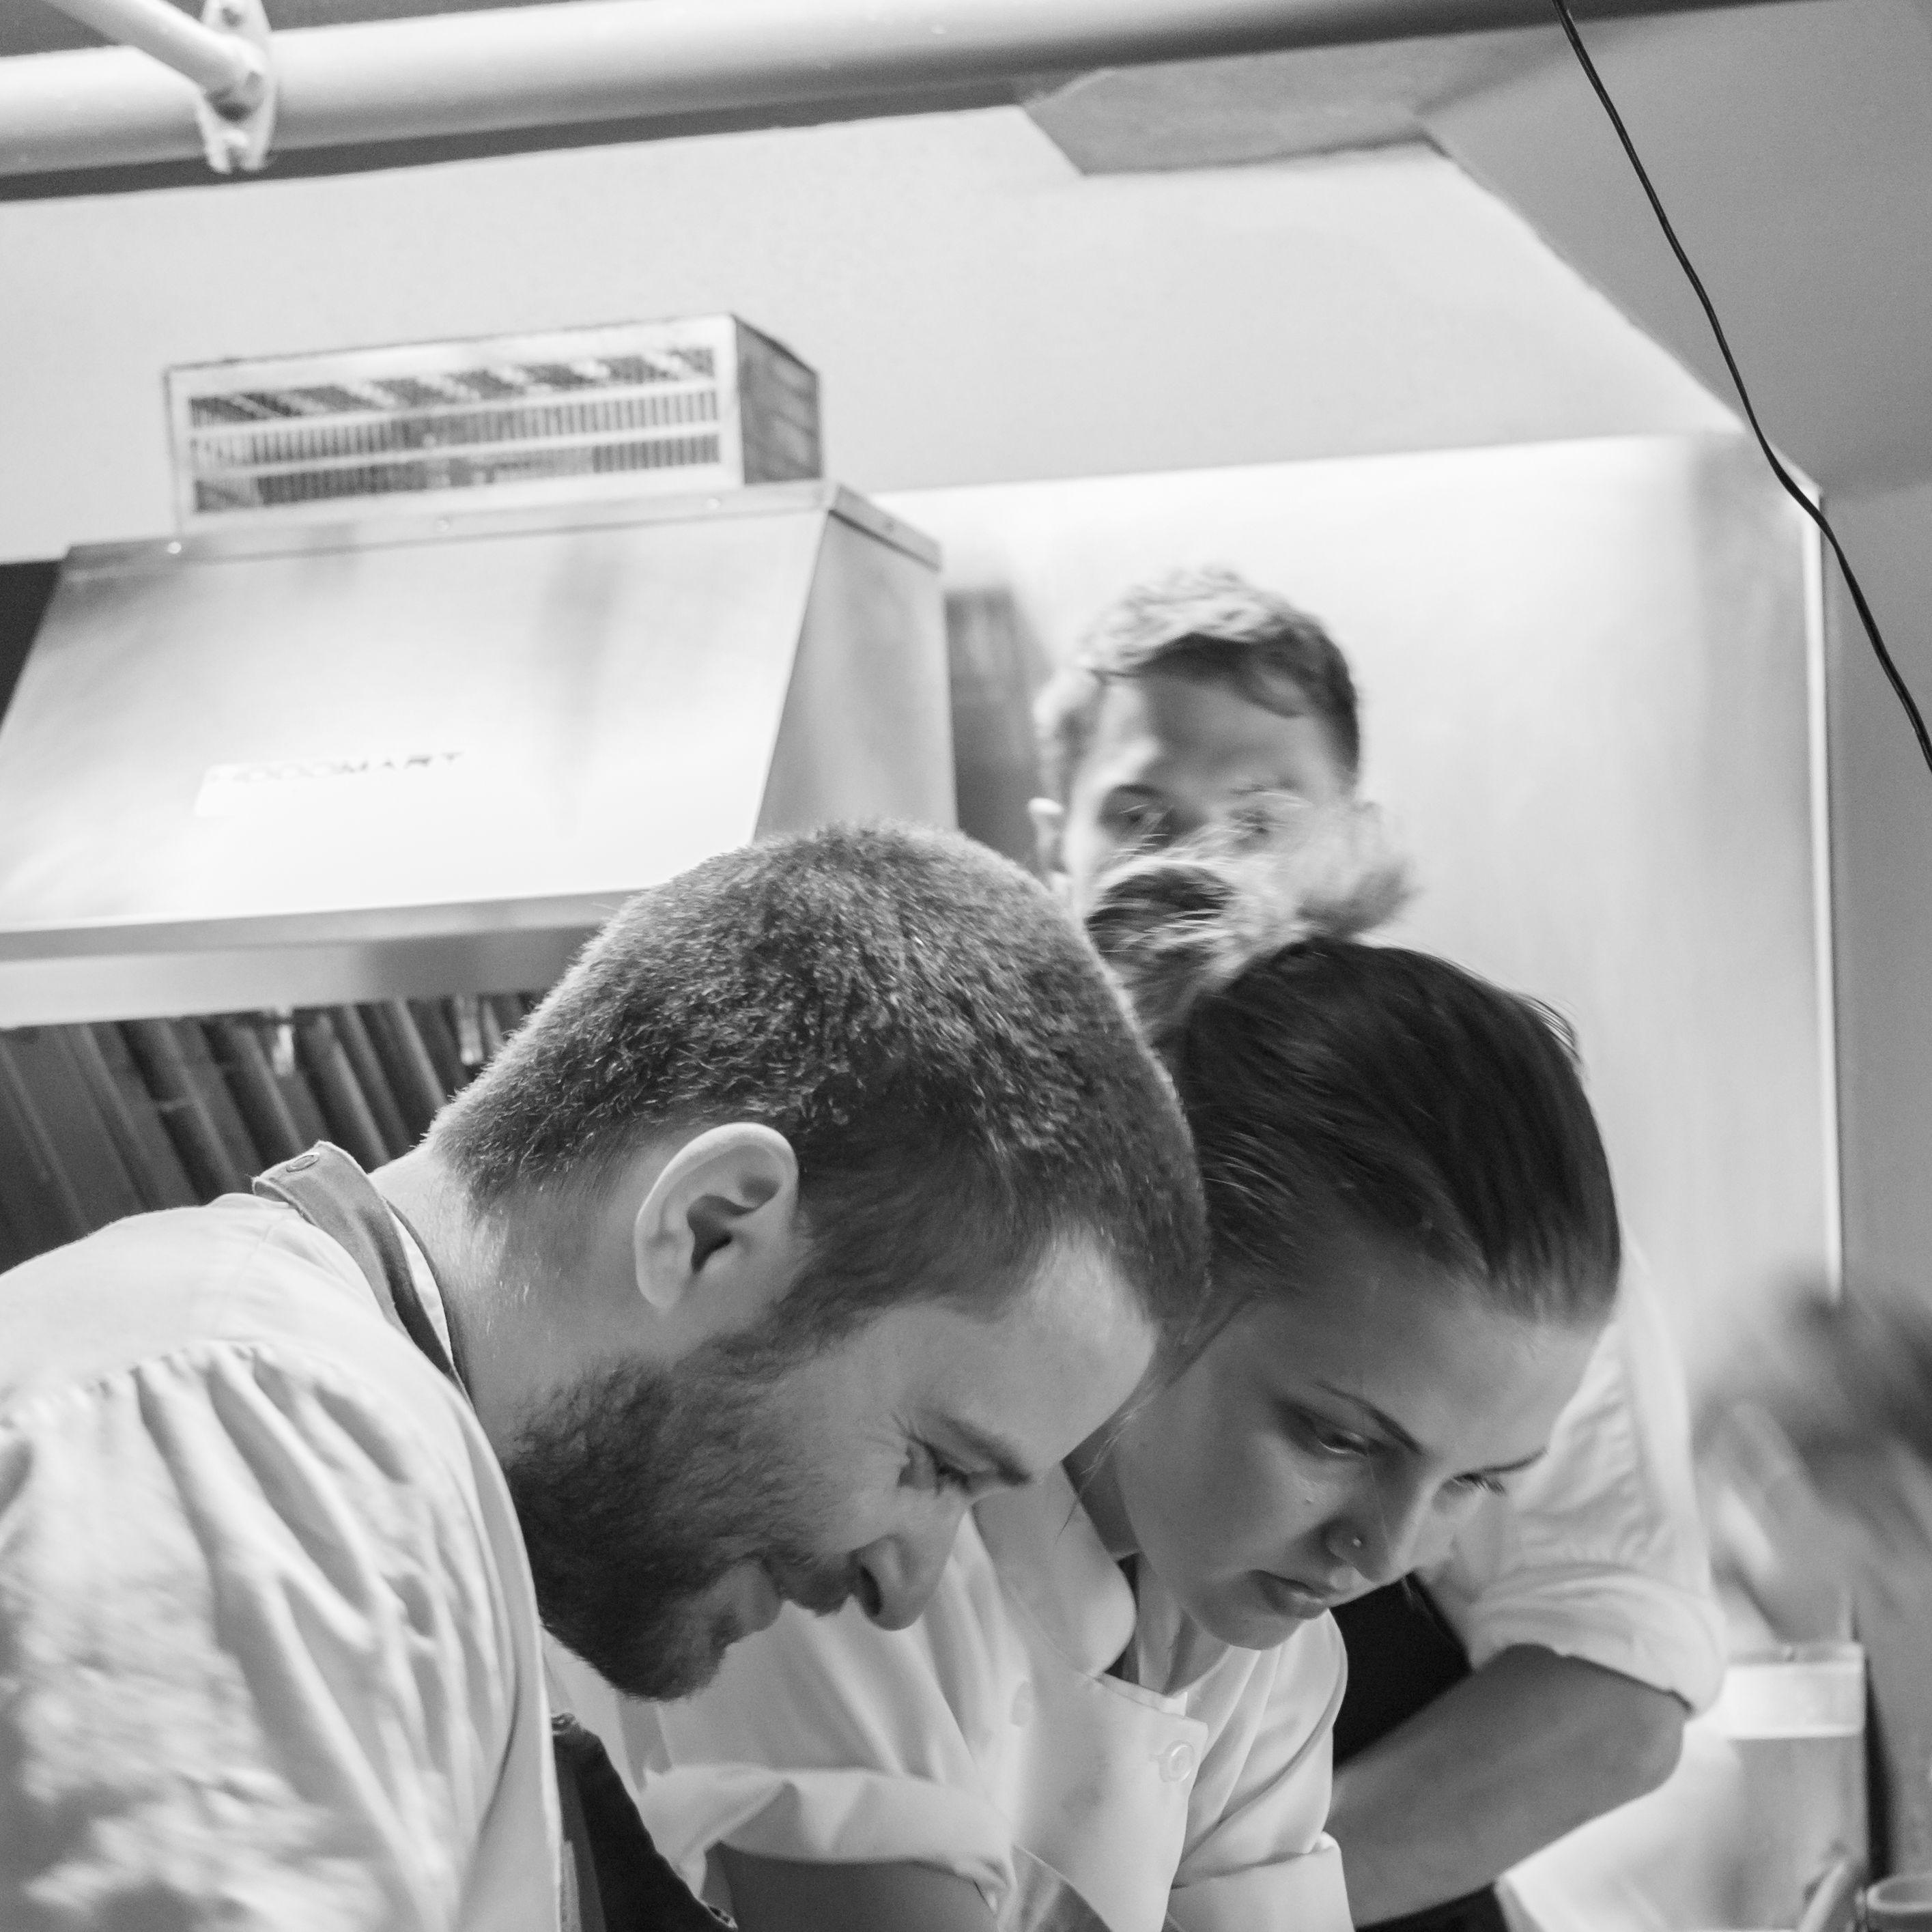 Chef and crew tuum94